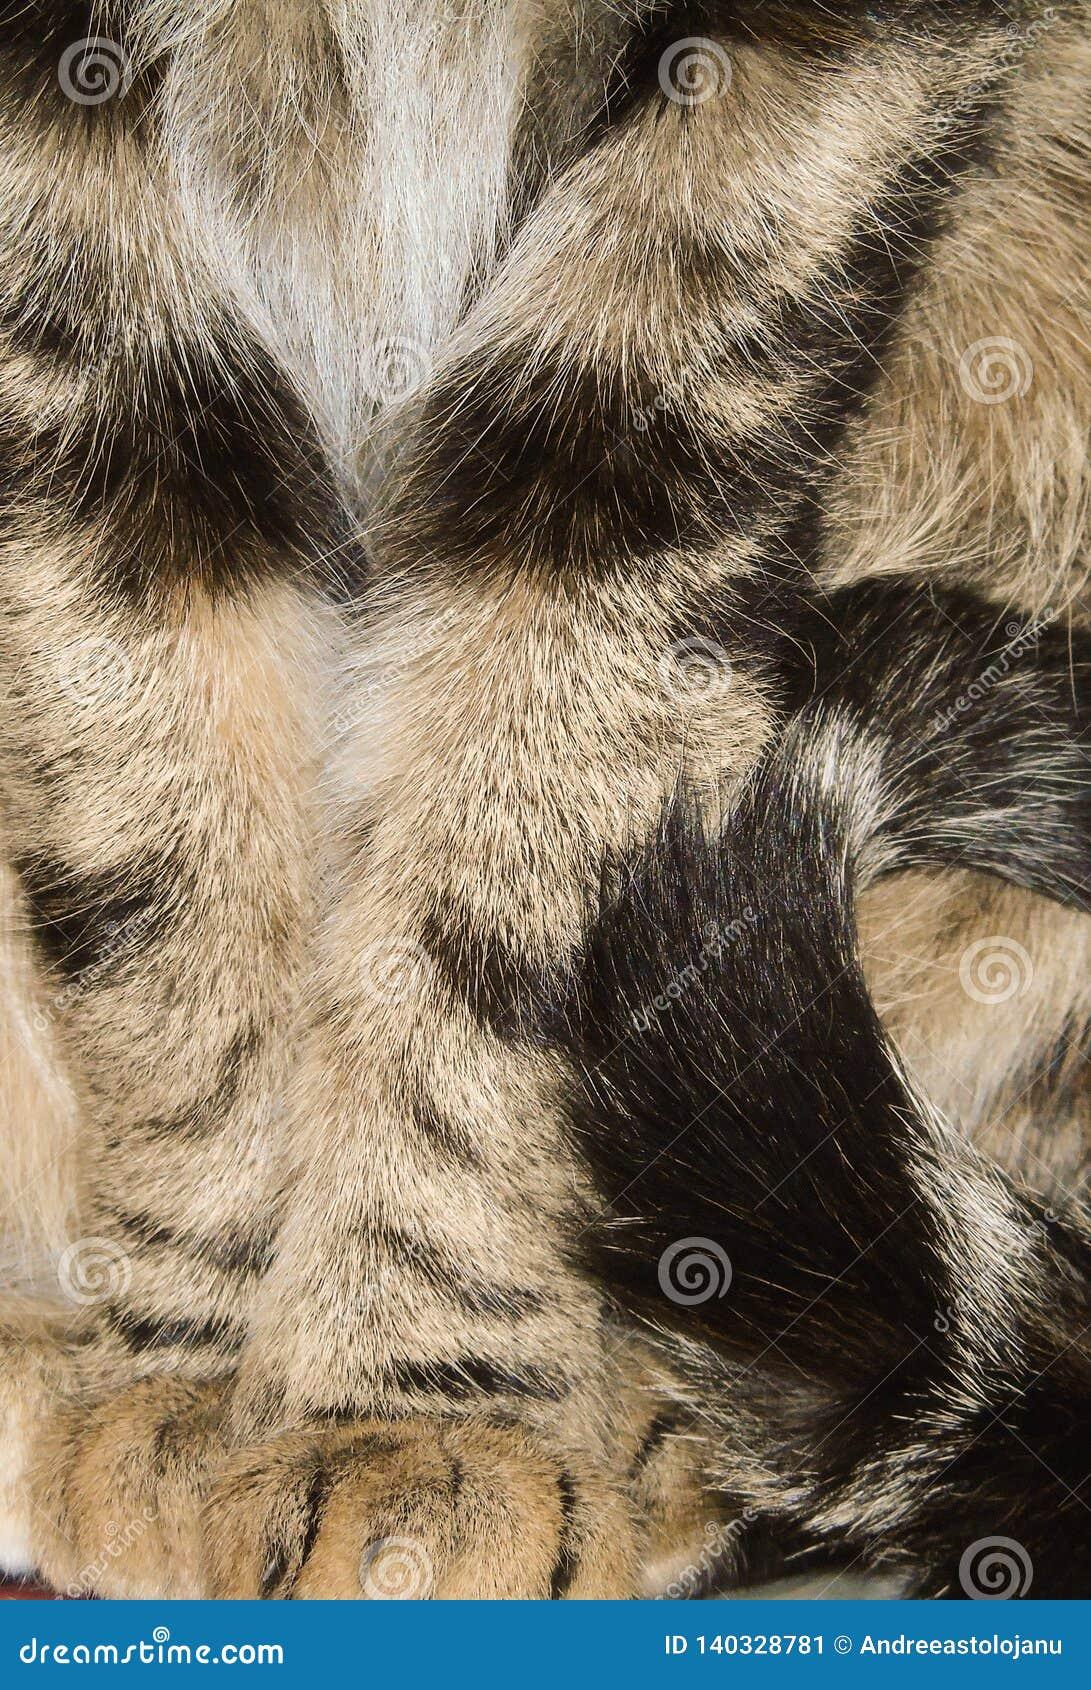 Primer del gato rayado tricolor, coloreado fondo felino, del animal doméstico, detalle de patas y cola